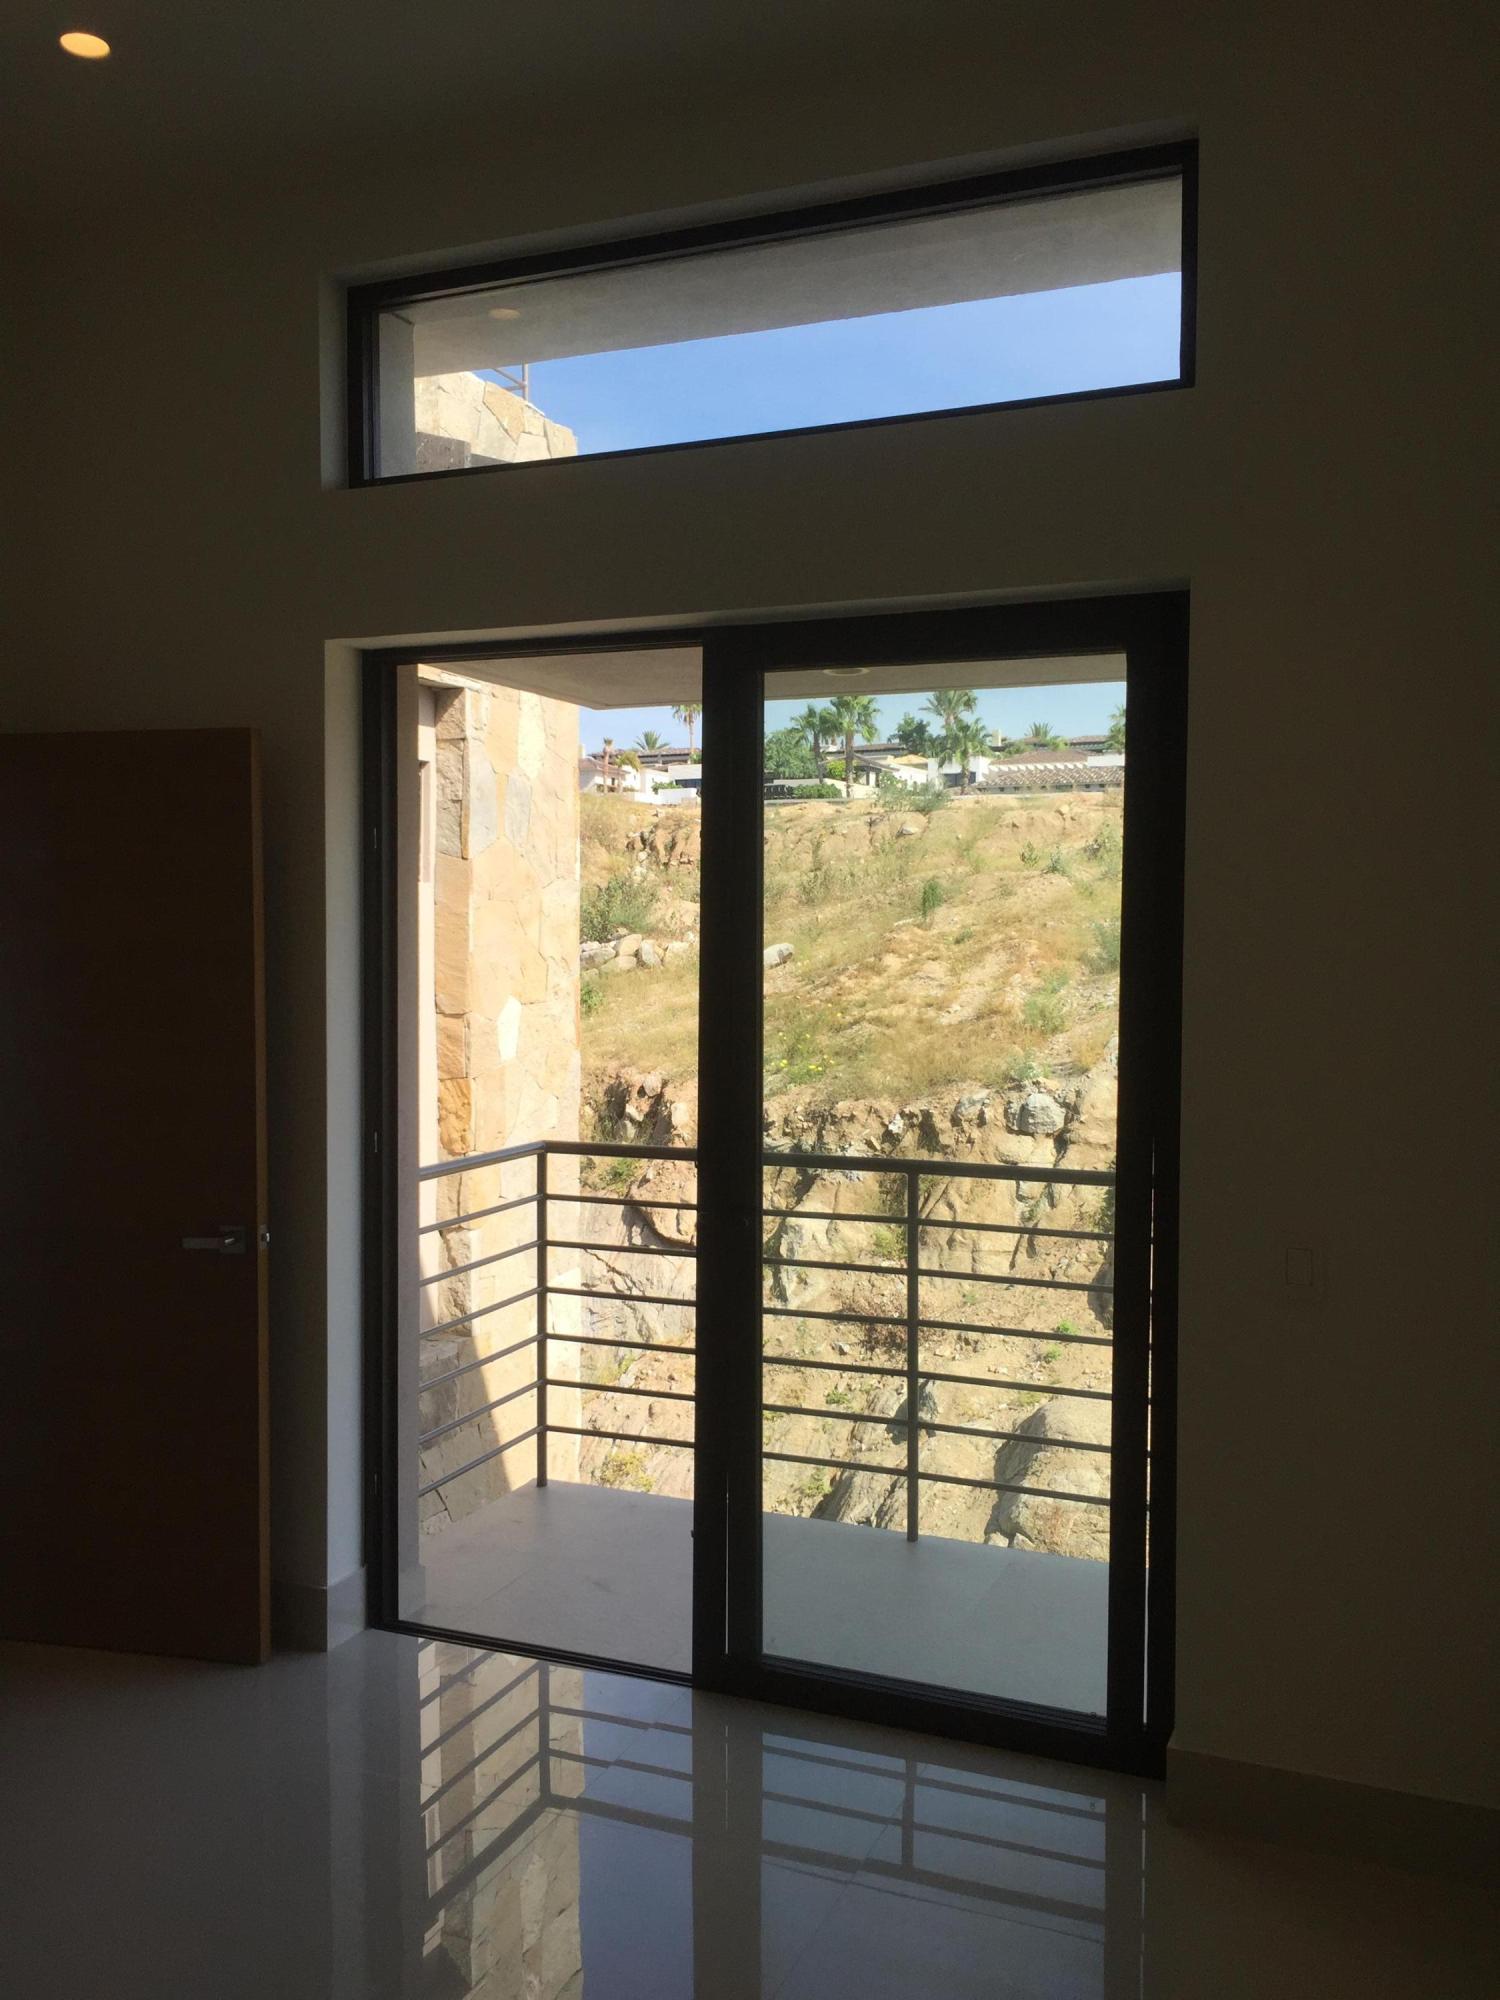 Rooftop Deck 3 Bdrm Financing-11